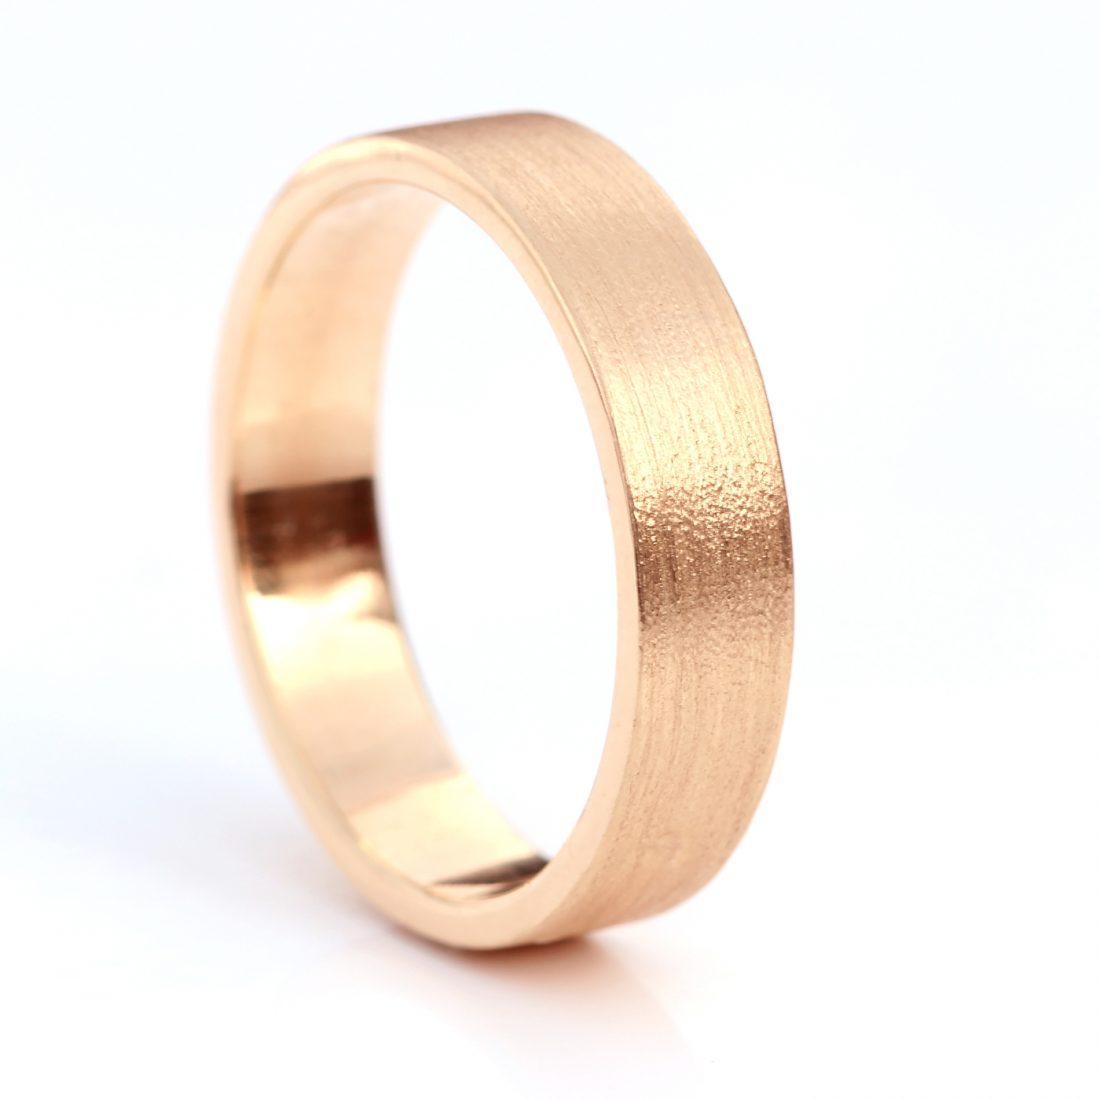 5mm flat wedding ring rose gold